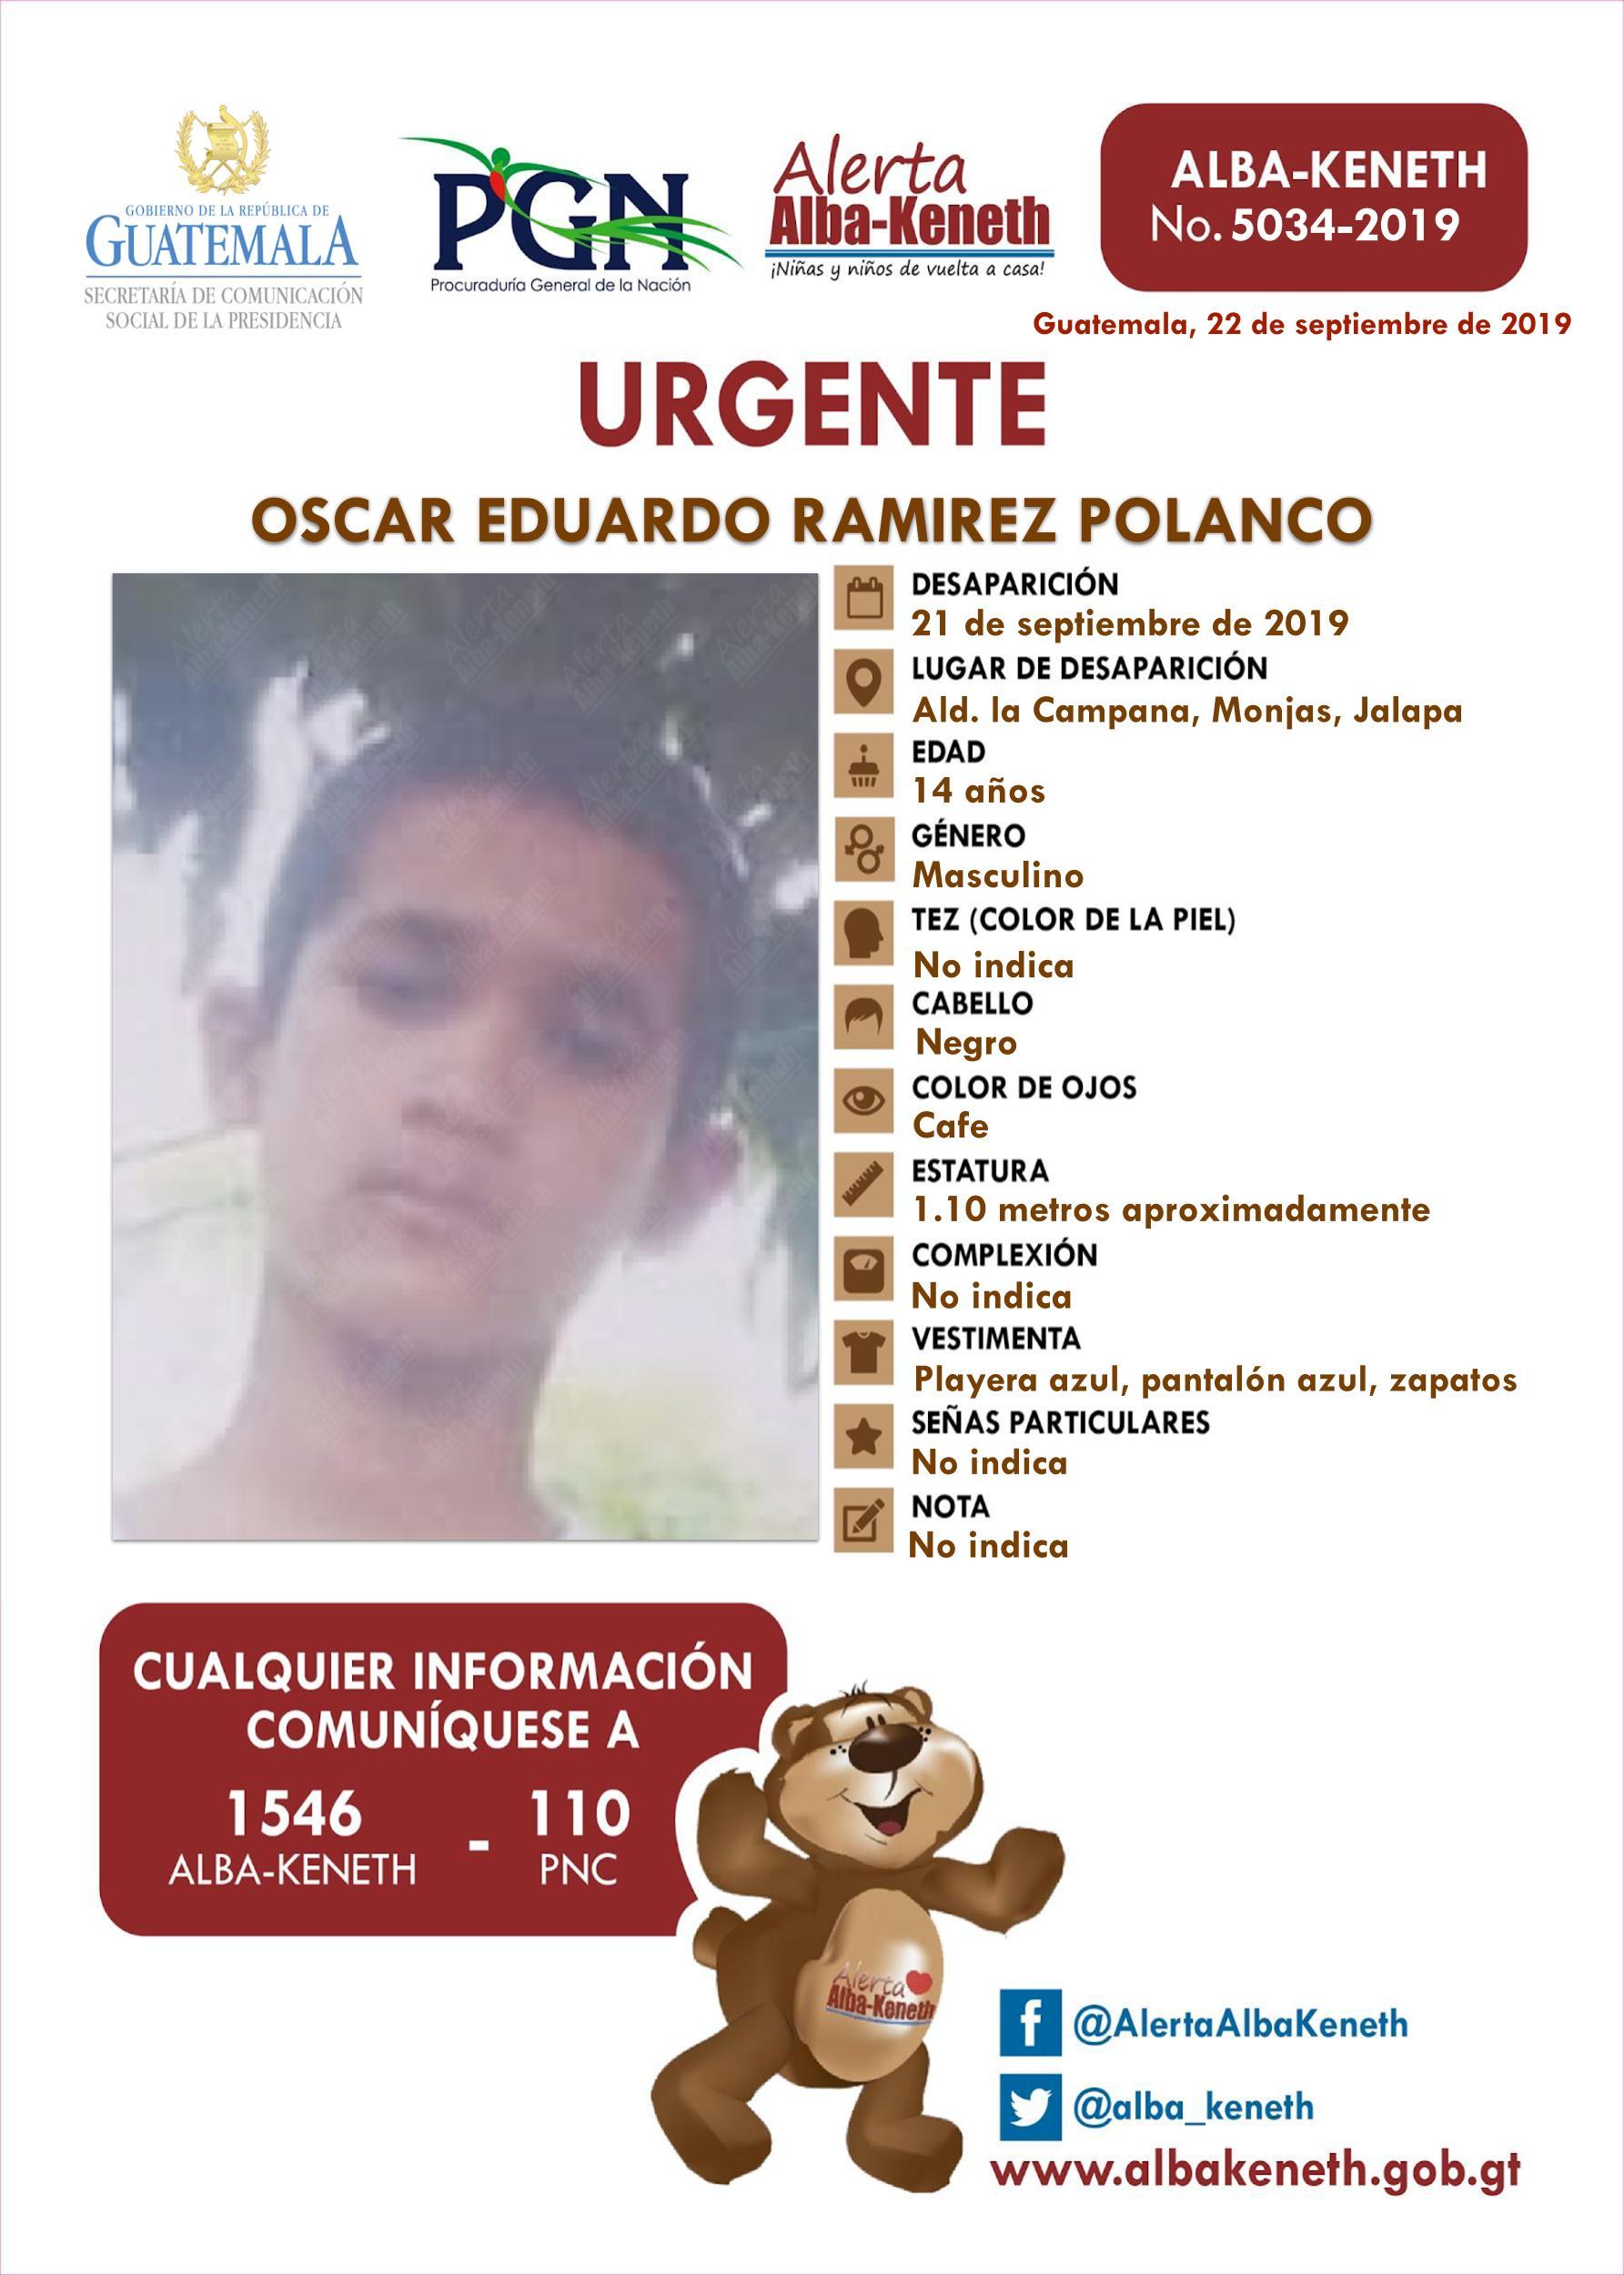 Oscar Eduardo Ramirez Polanco